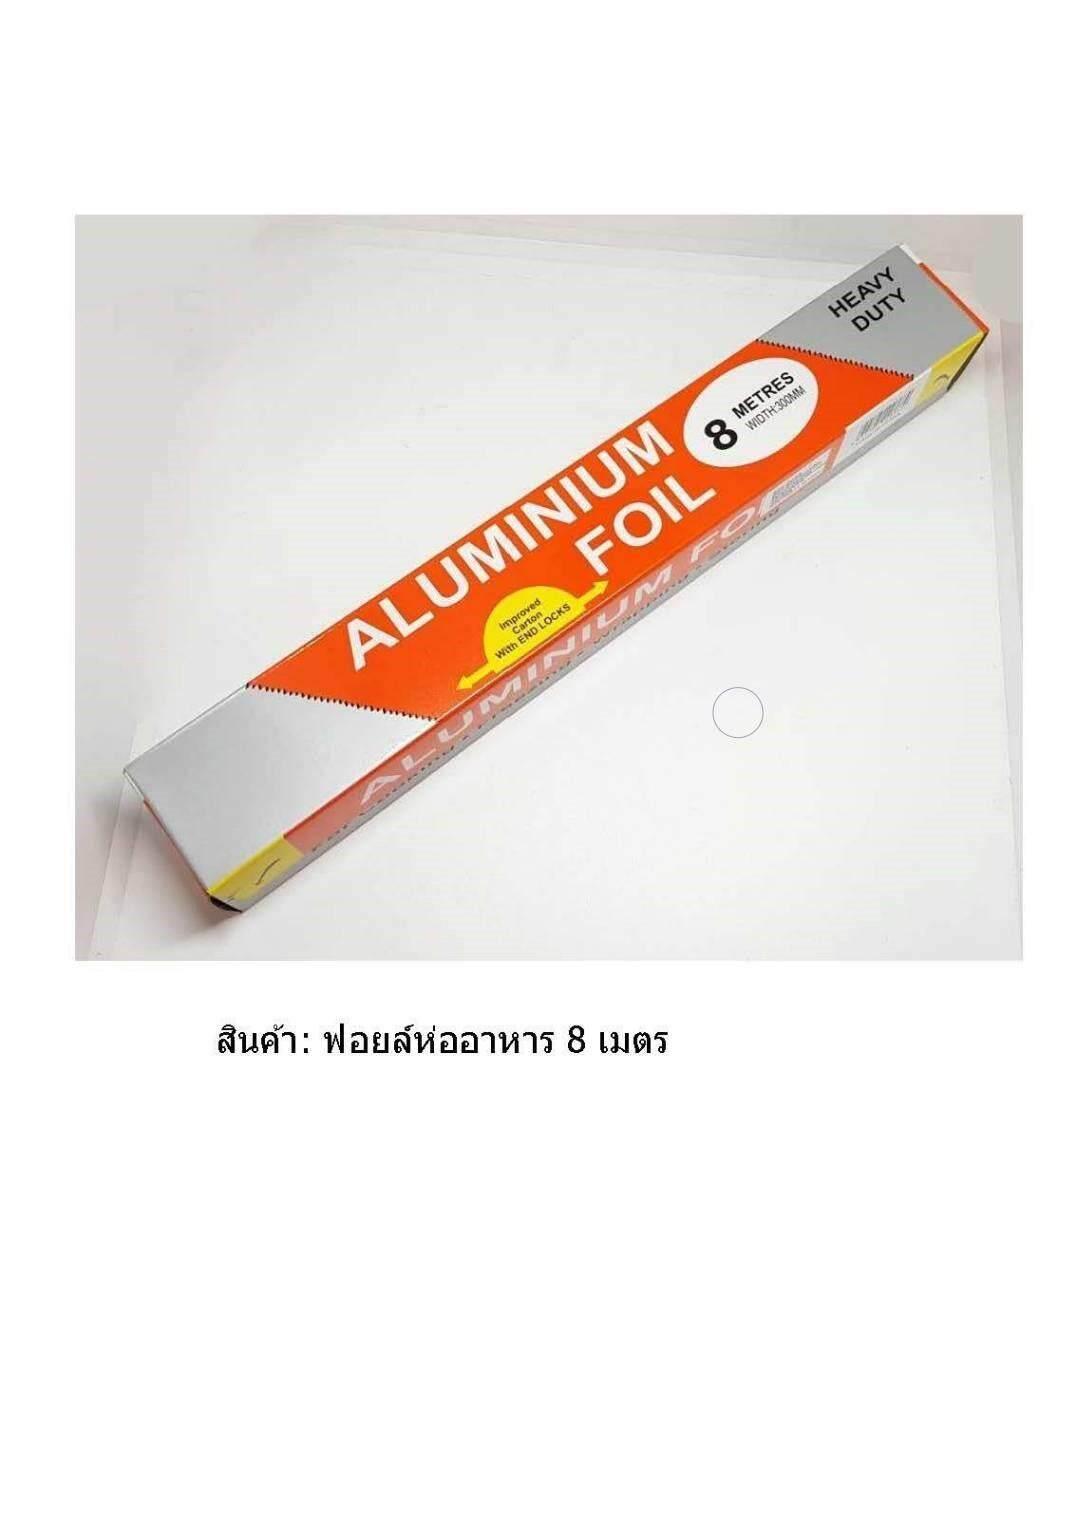 Aluminium Foil ฟอยล์อะลูมิเนียมสำหรับห่ออาหาร ปิ้งย่าง, บาร์บีคิว, นึ่ง, หรืออบ 8 เมตร ( จำนวน 1 กล่อง ).